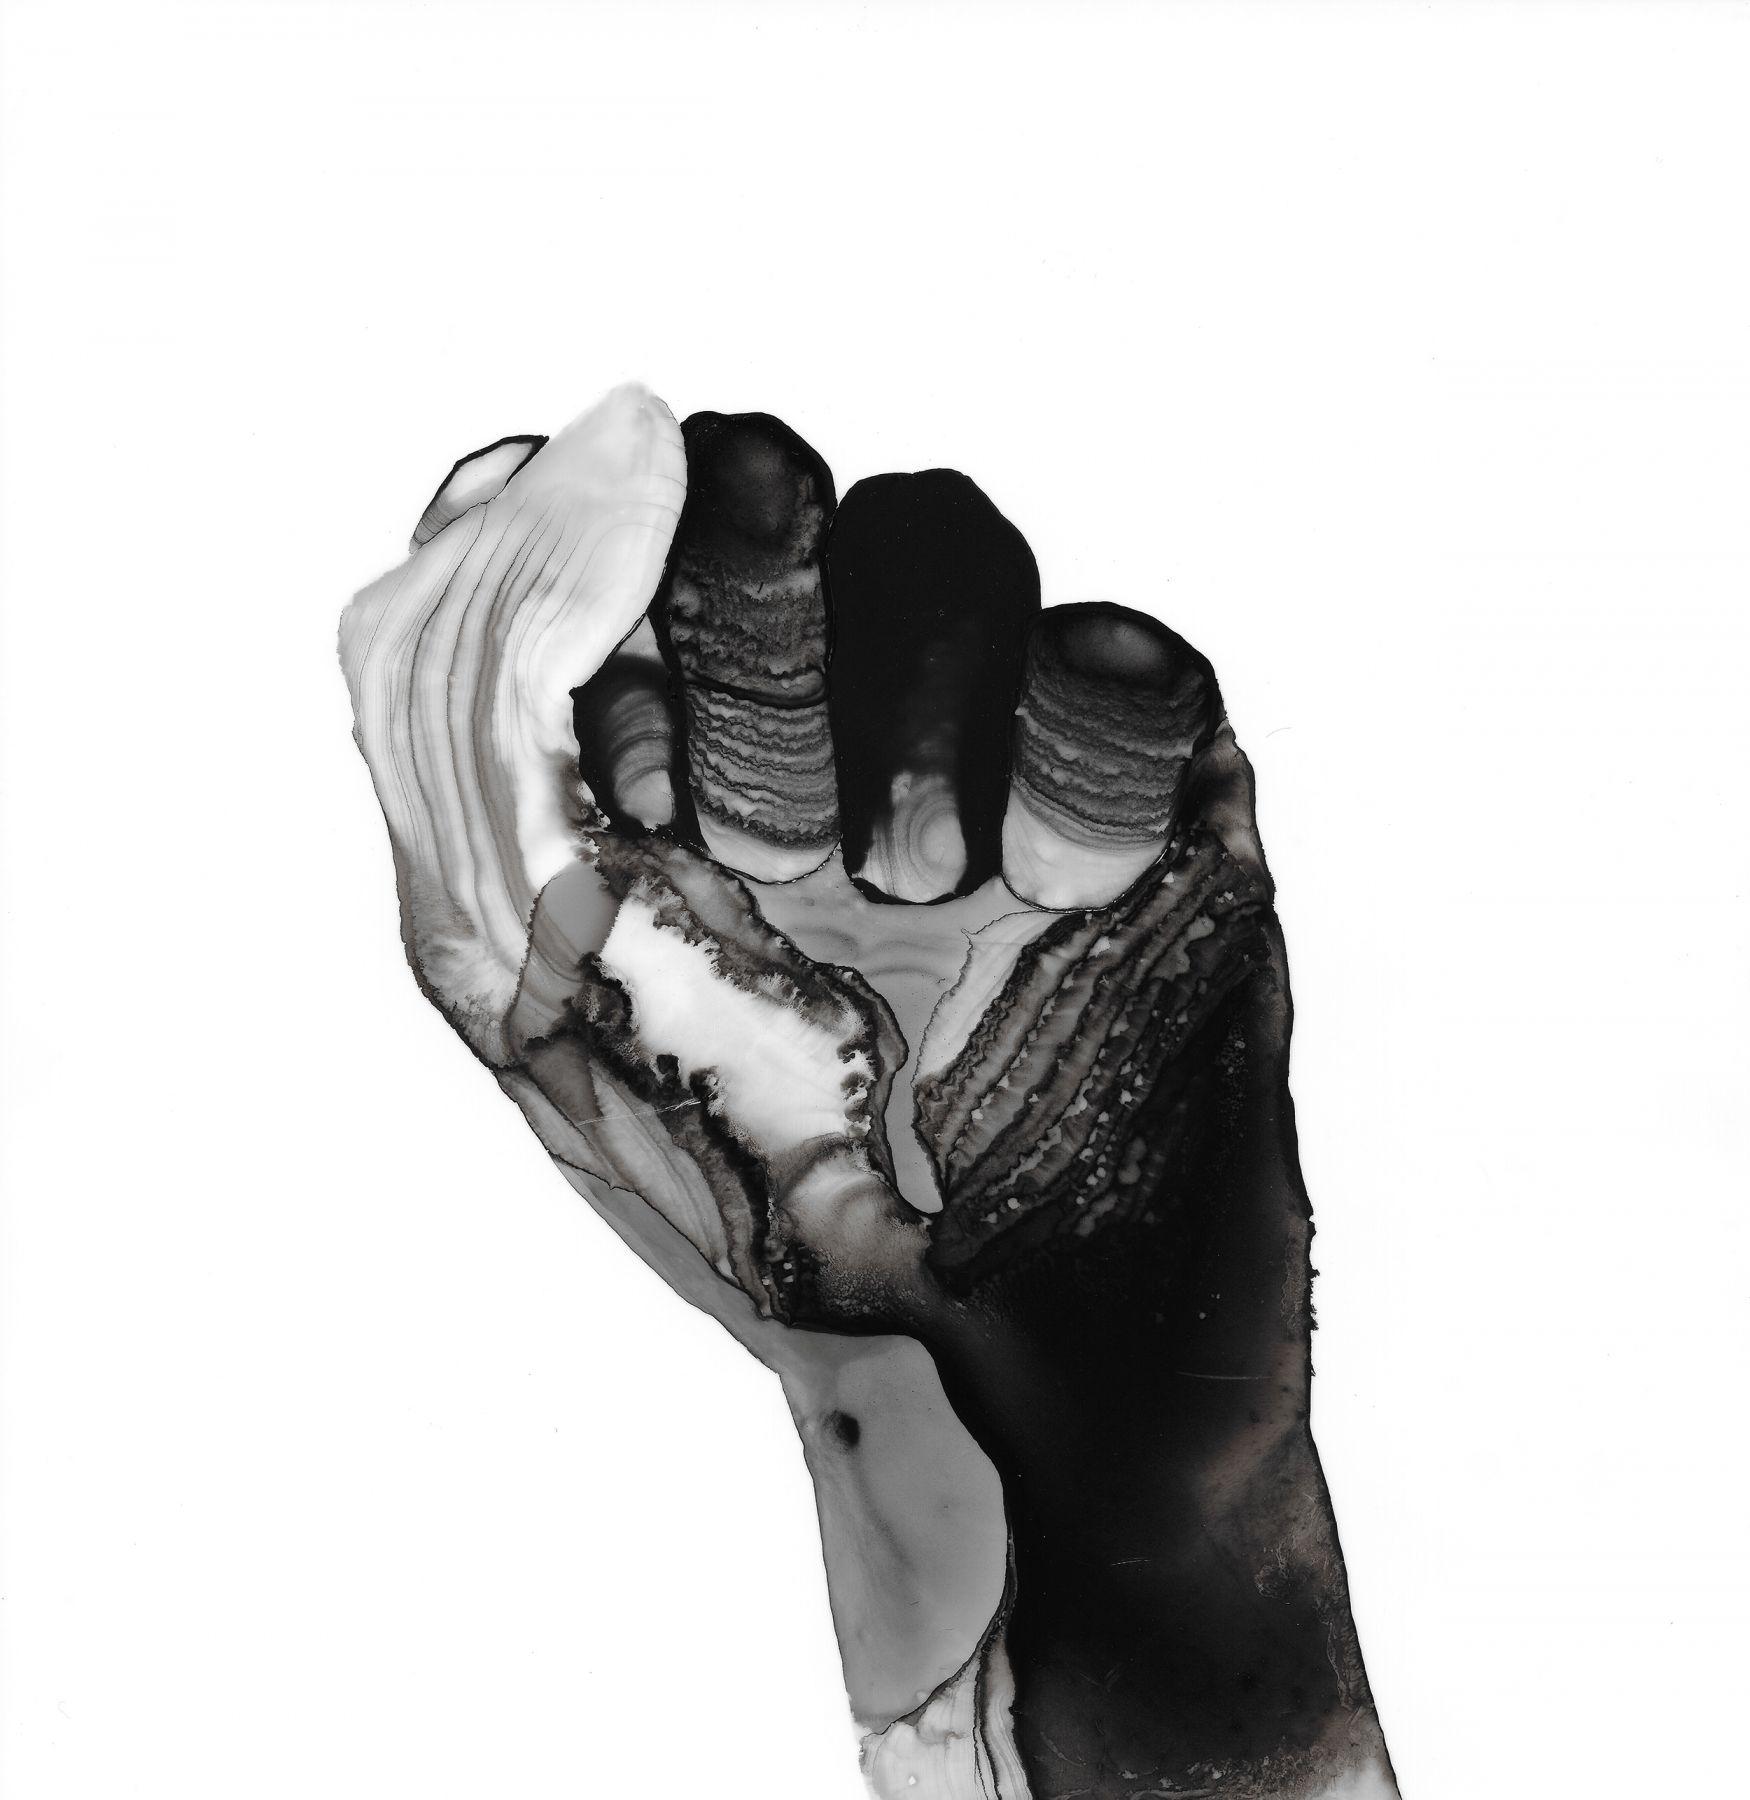 Wall - Fist 1_2_17